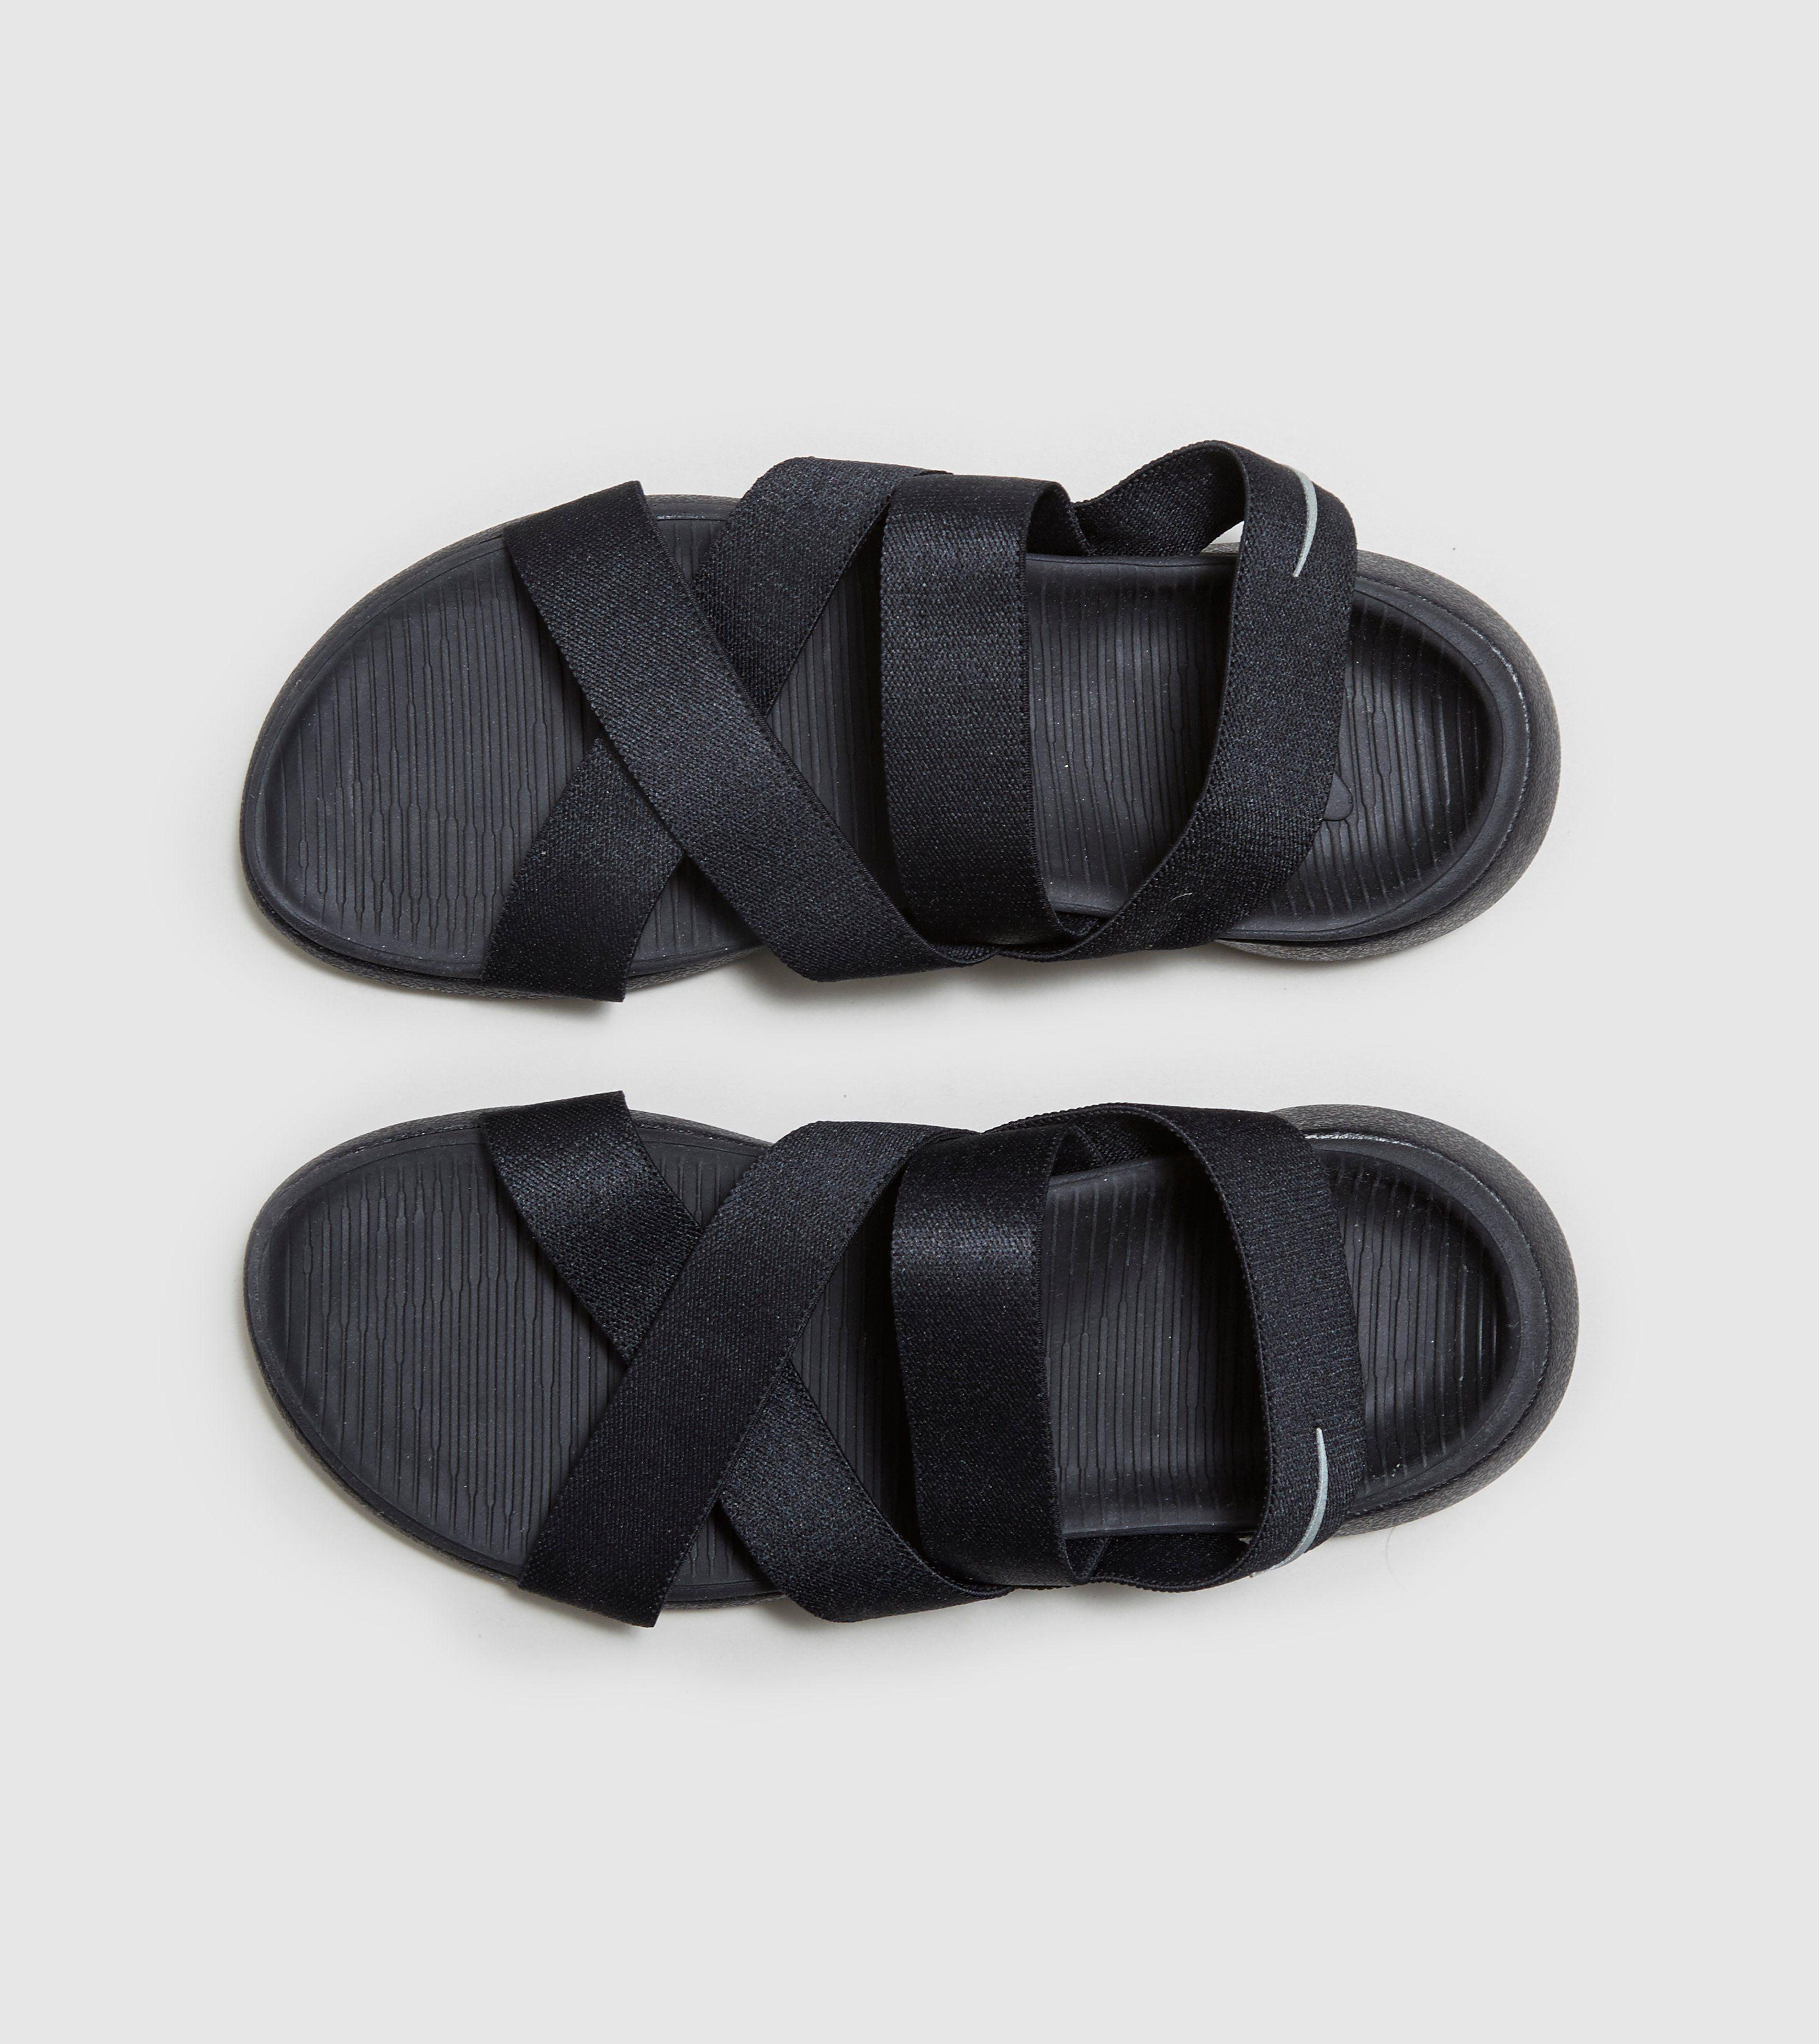 bakfc Nike Roshe One Sandal Women\'s | Size?